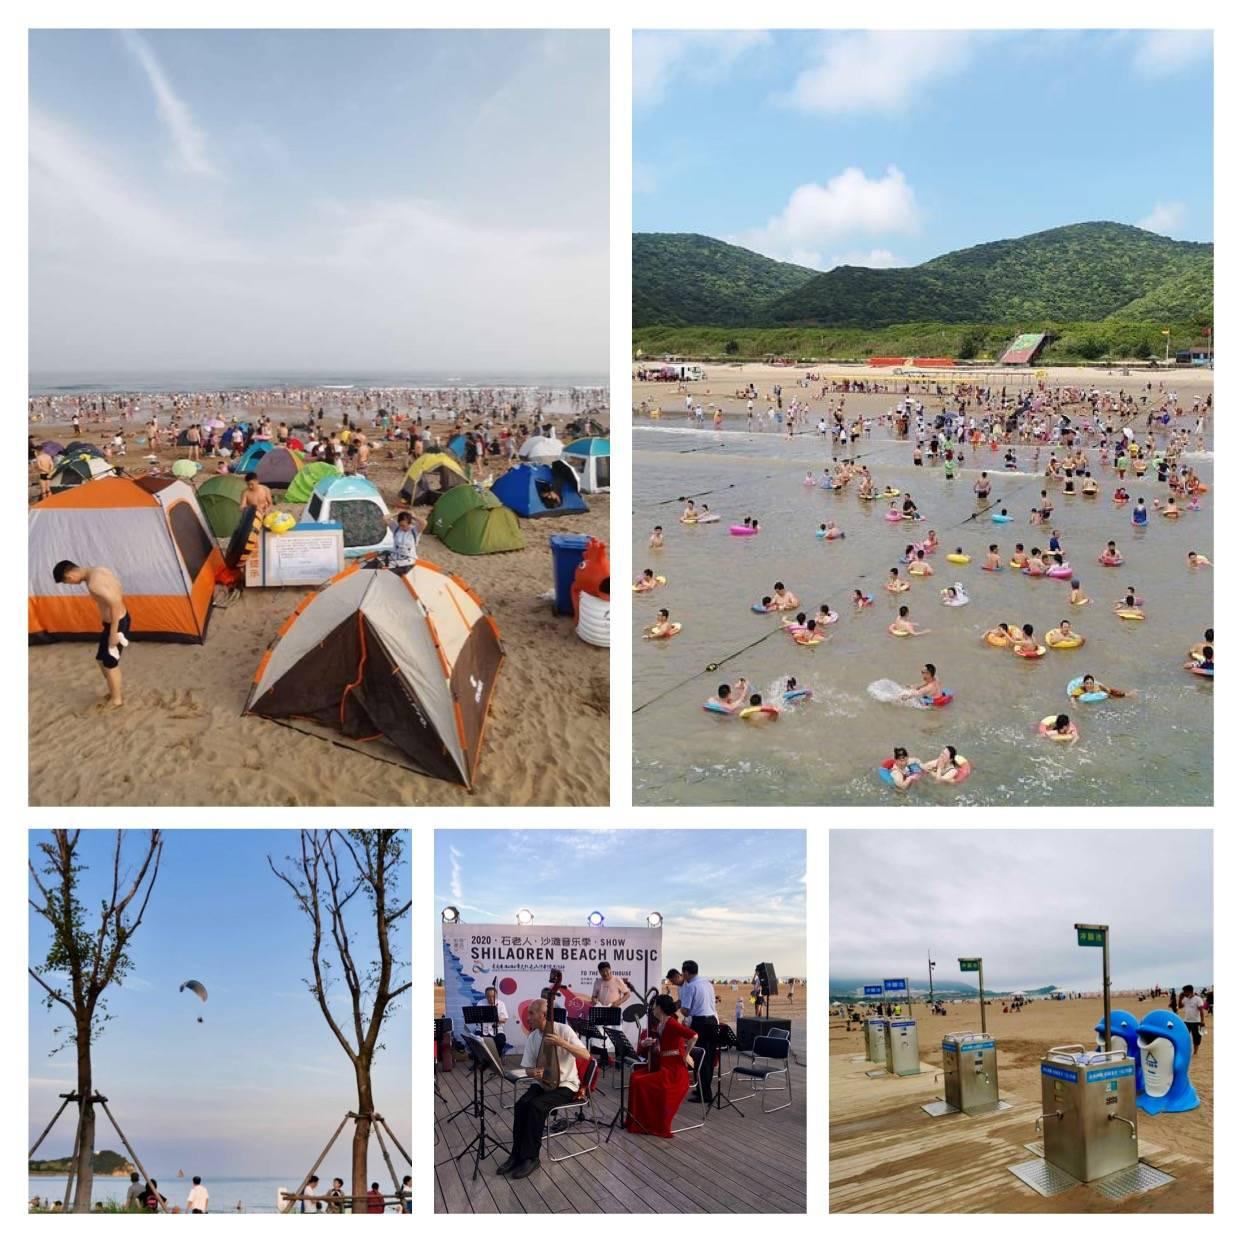 Barracas de camping, milhares de bóias coloridas em formato de donuts, picnics em família e entre amigos dão alegria, cor e identidade as praias de Qingdao.